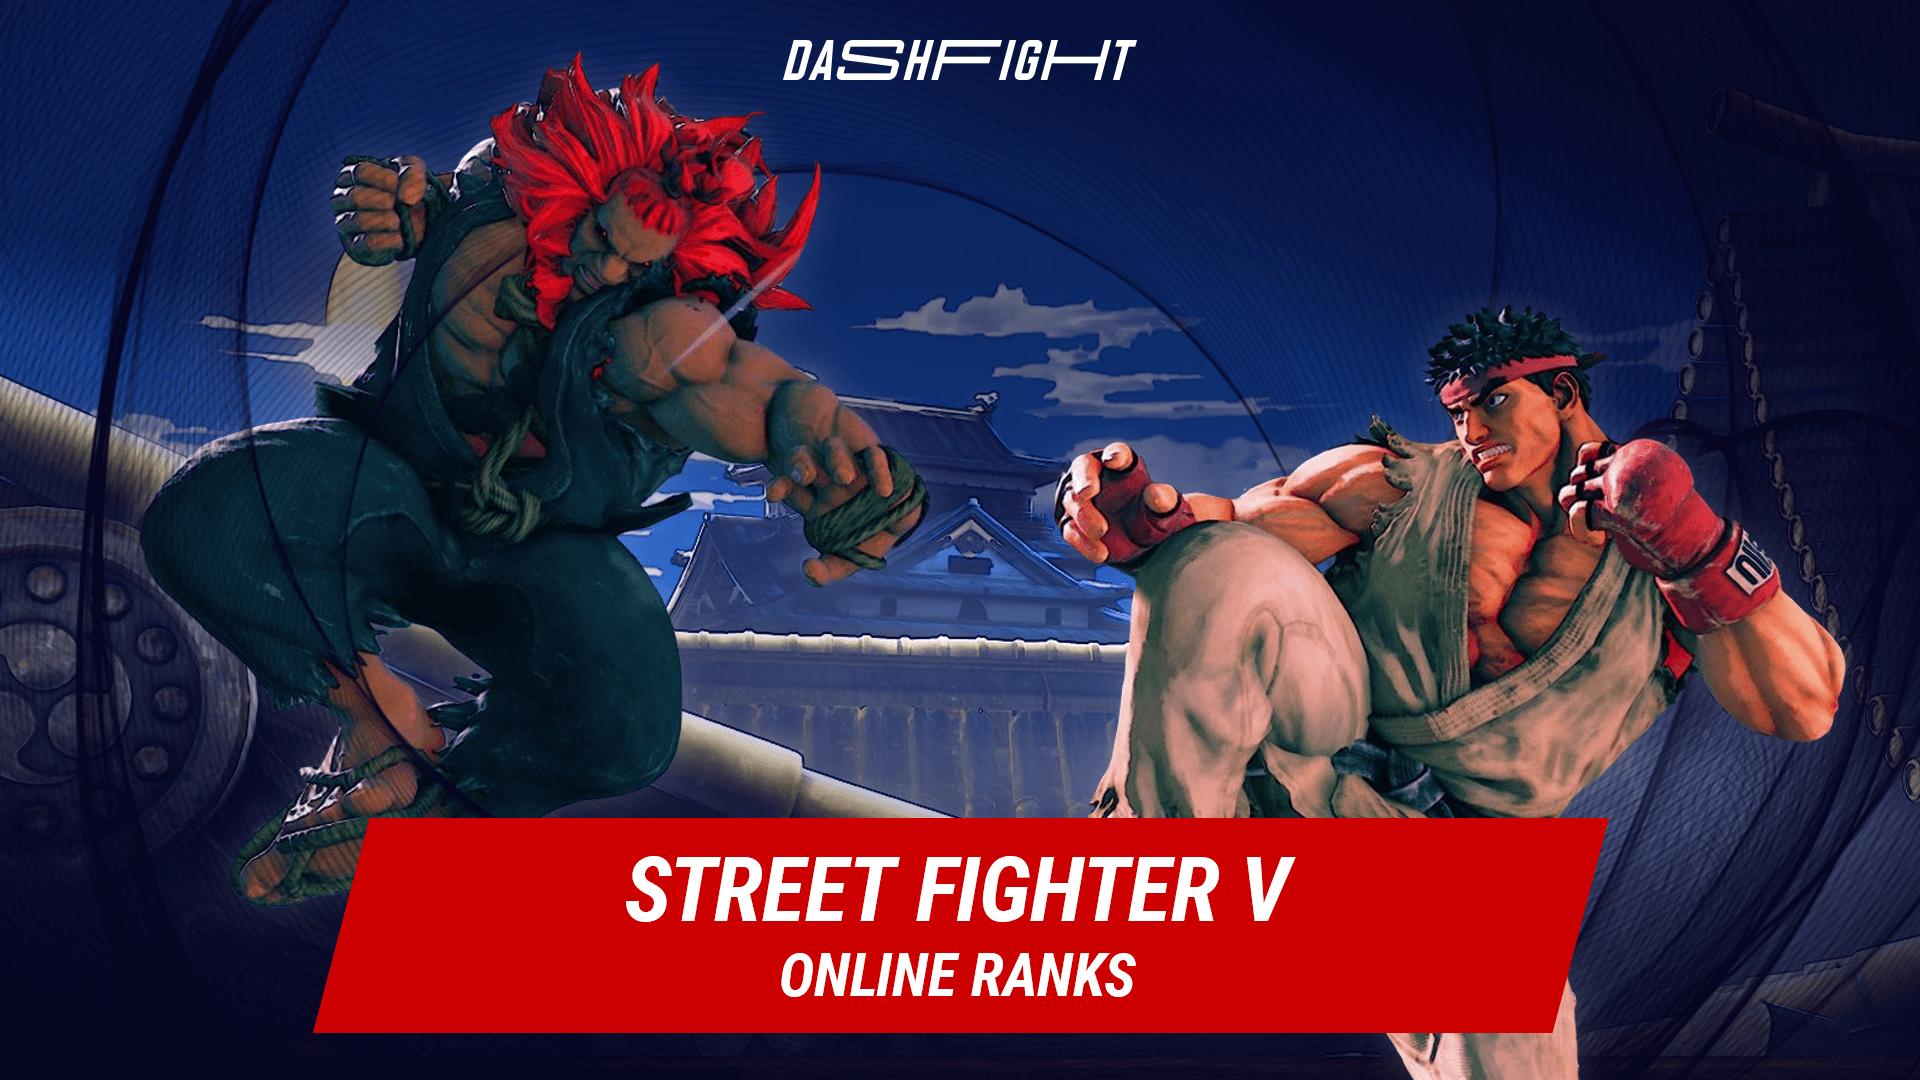 Street Fighter V online ranks